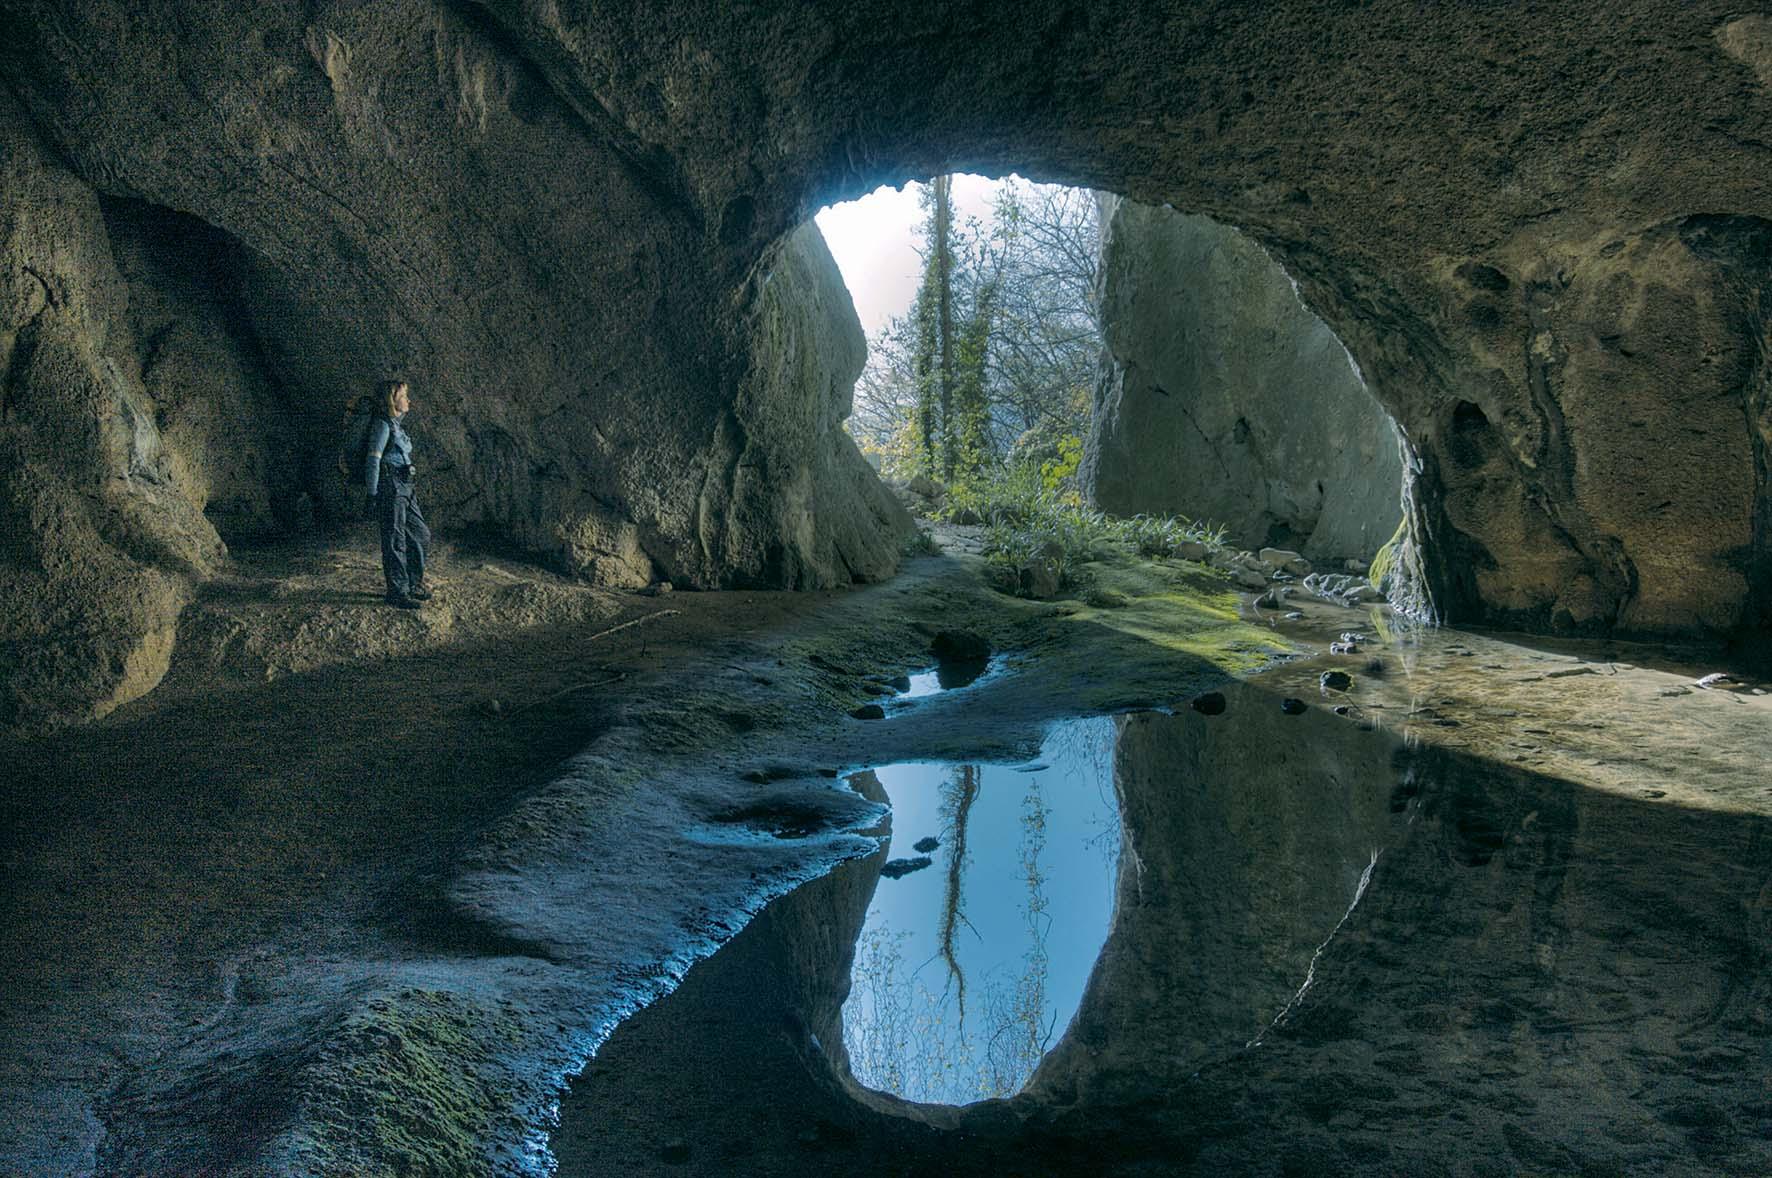 Antichi abitatori delle grotte in Friuli. Al Castello di Udine, un viaggio dal paleolitico ad oggi